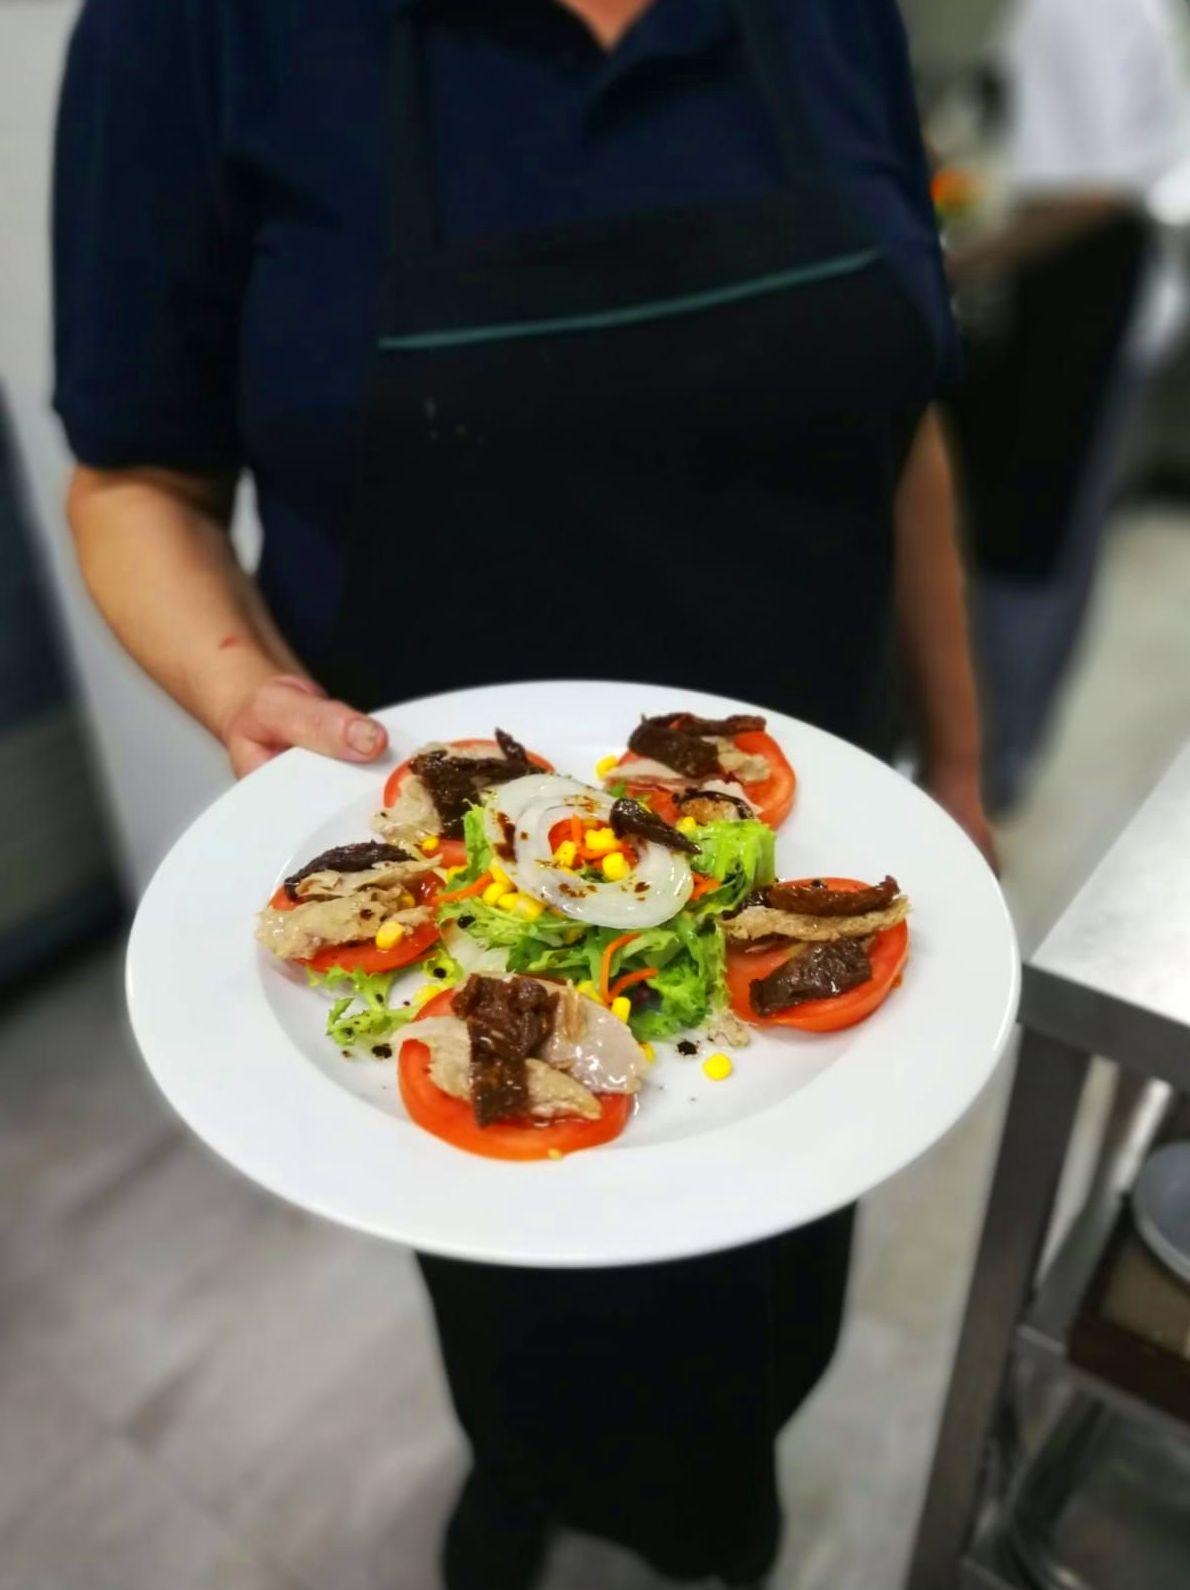 Foto 25 de Restaurantes en Rivas Vaciamadrid | Restaurante Somallao Sercotel Rivas